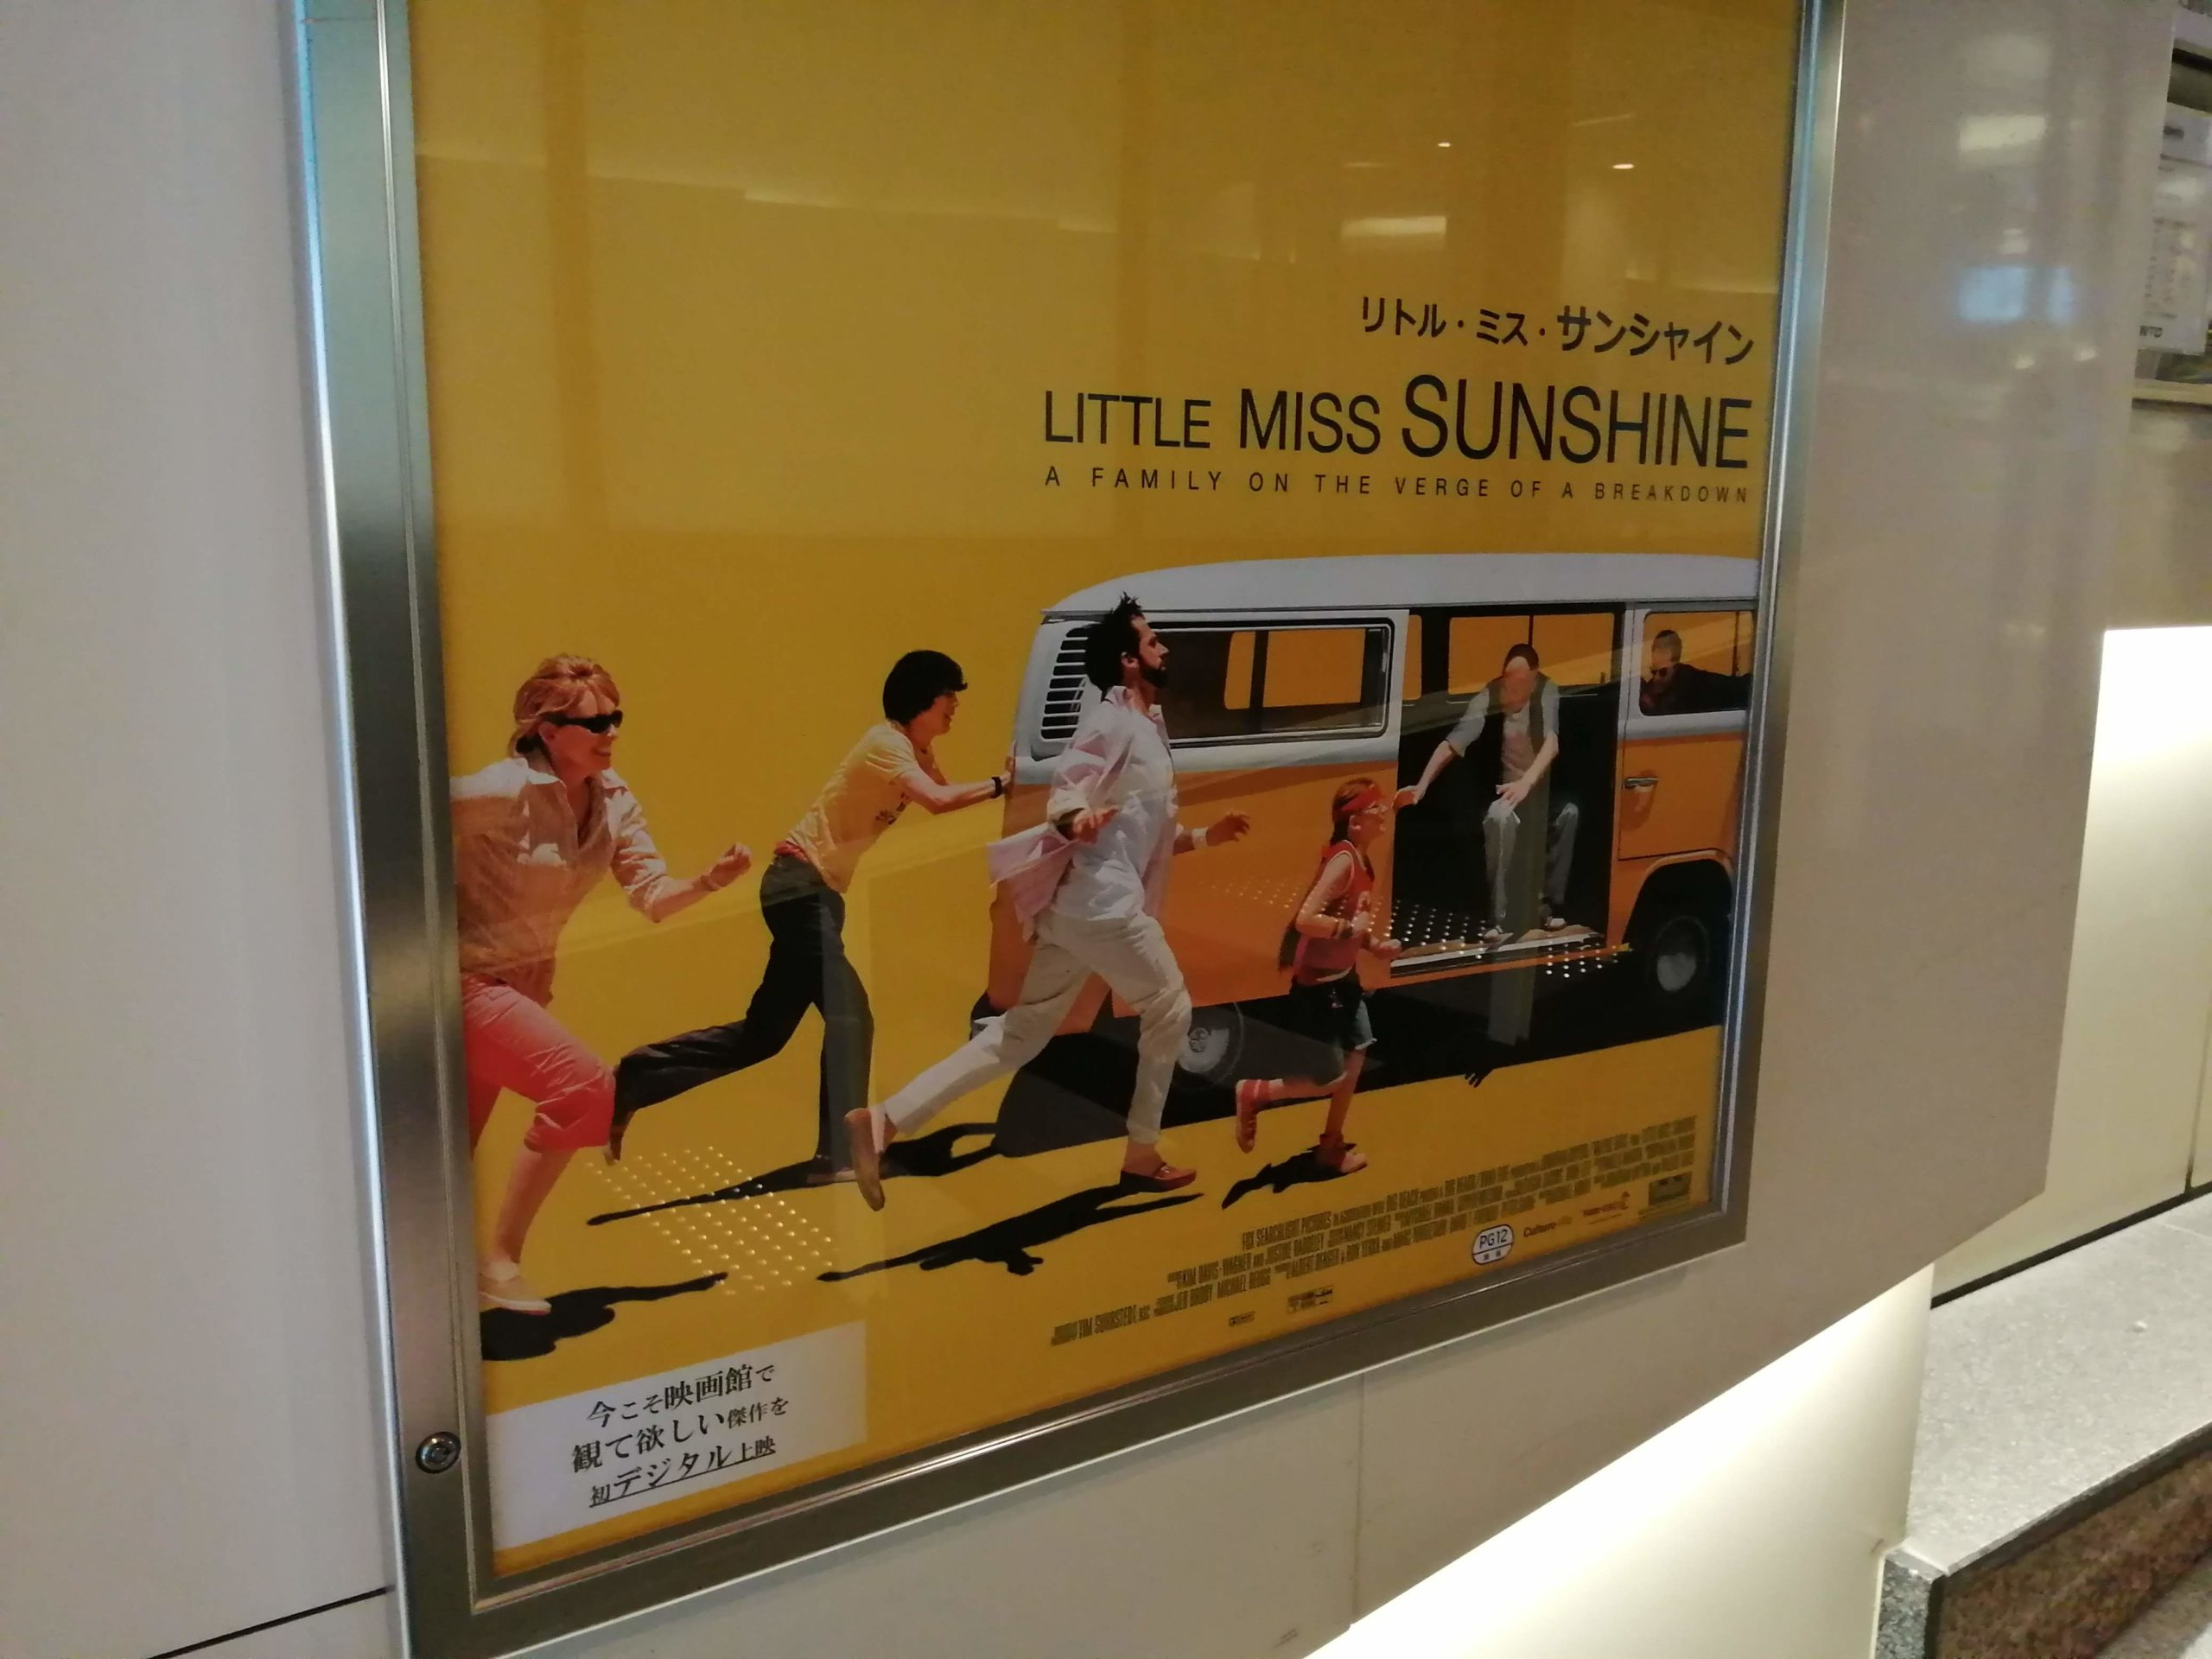 『リトル・ミス・サンシャイン』を観てきました。